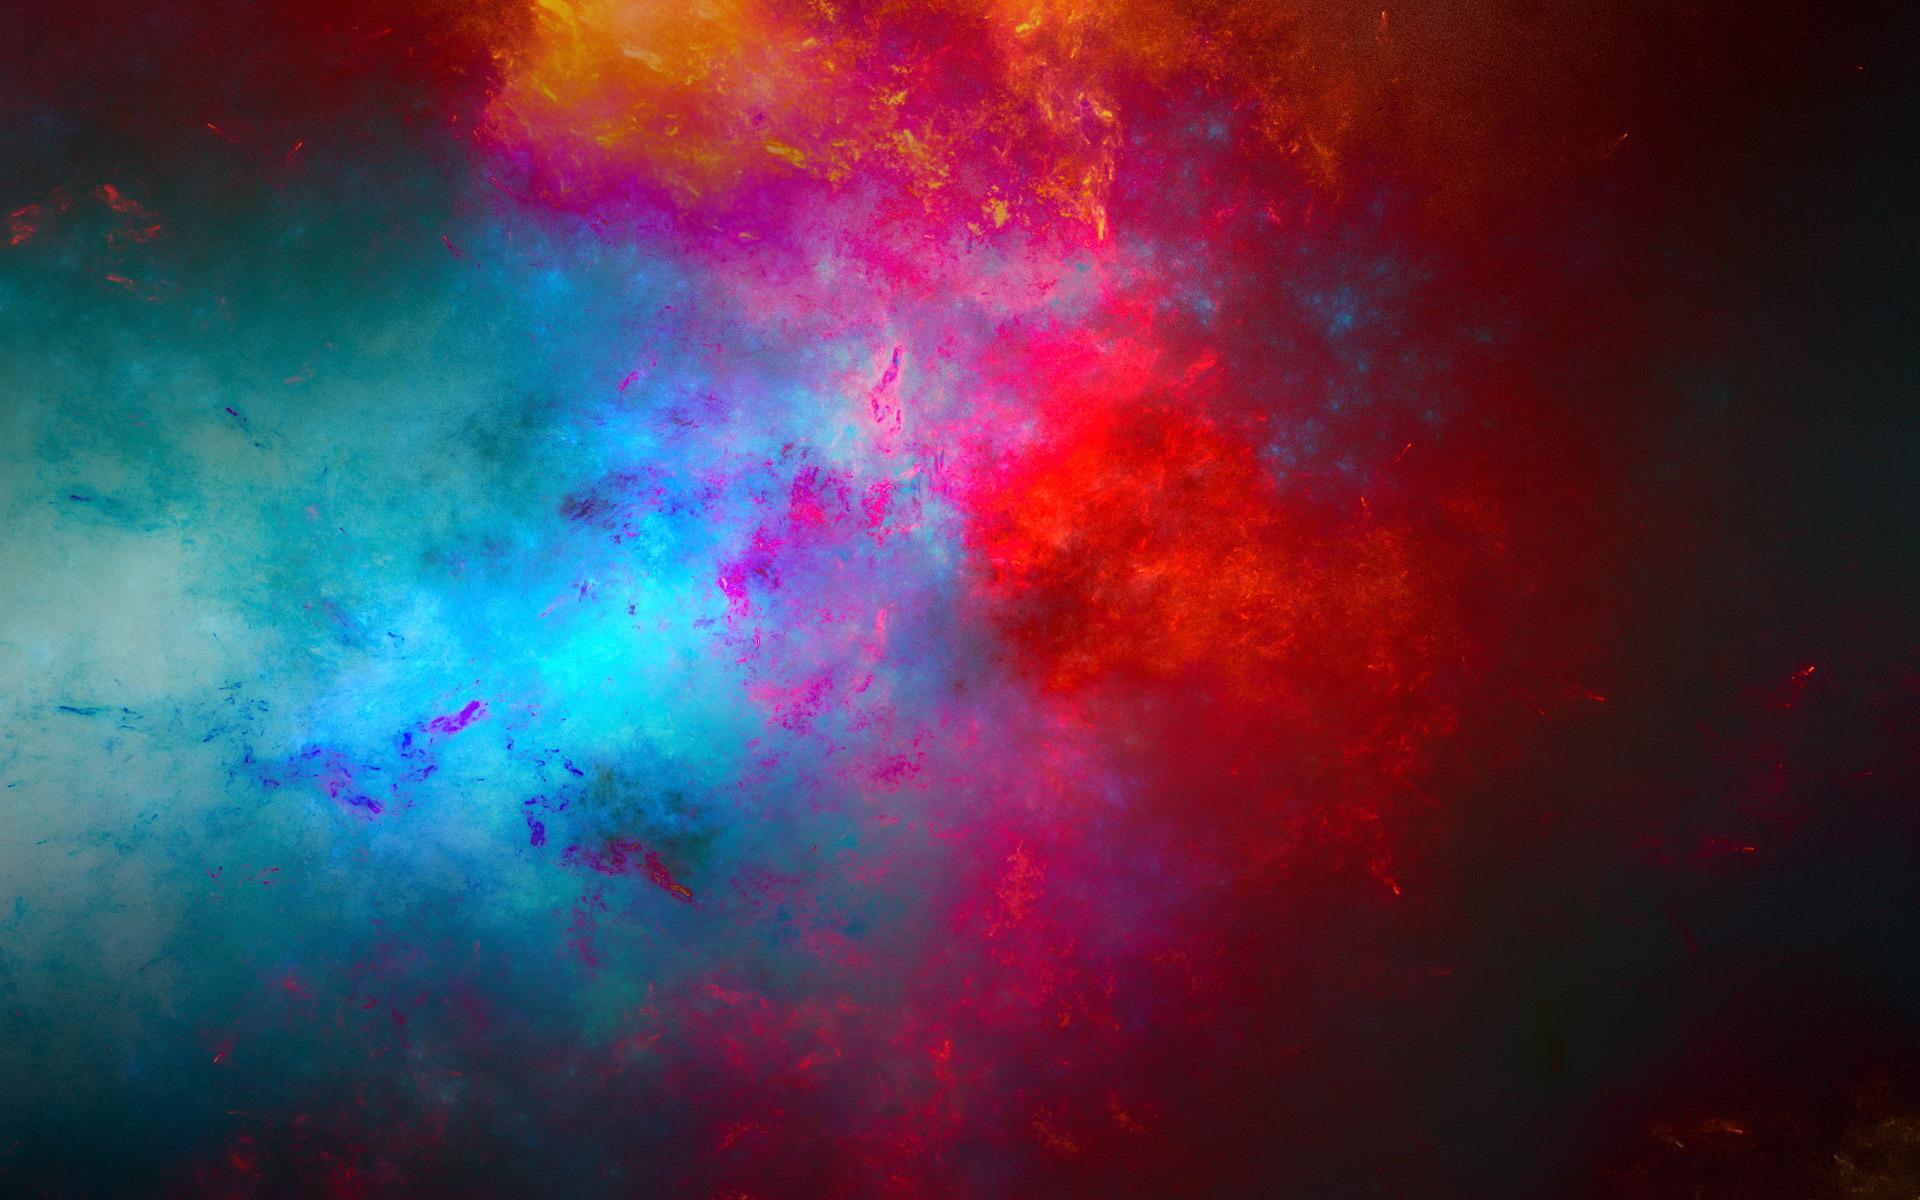 Hình ảnh background màu sắc của trời